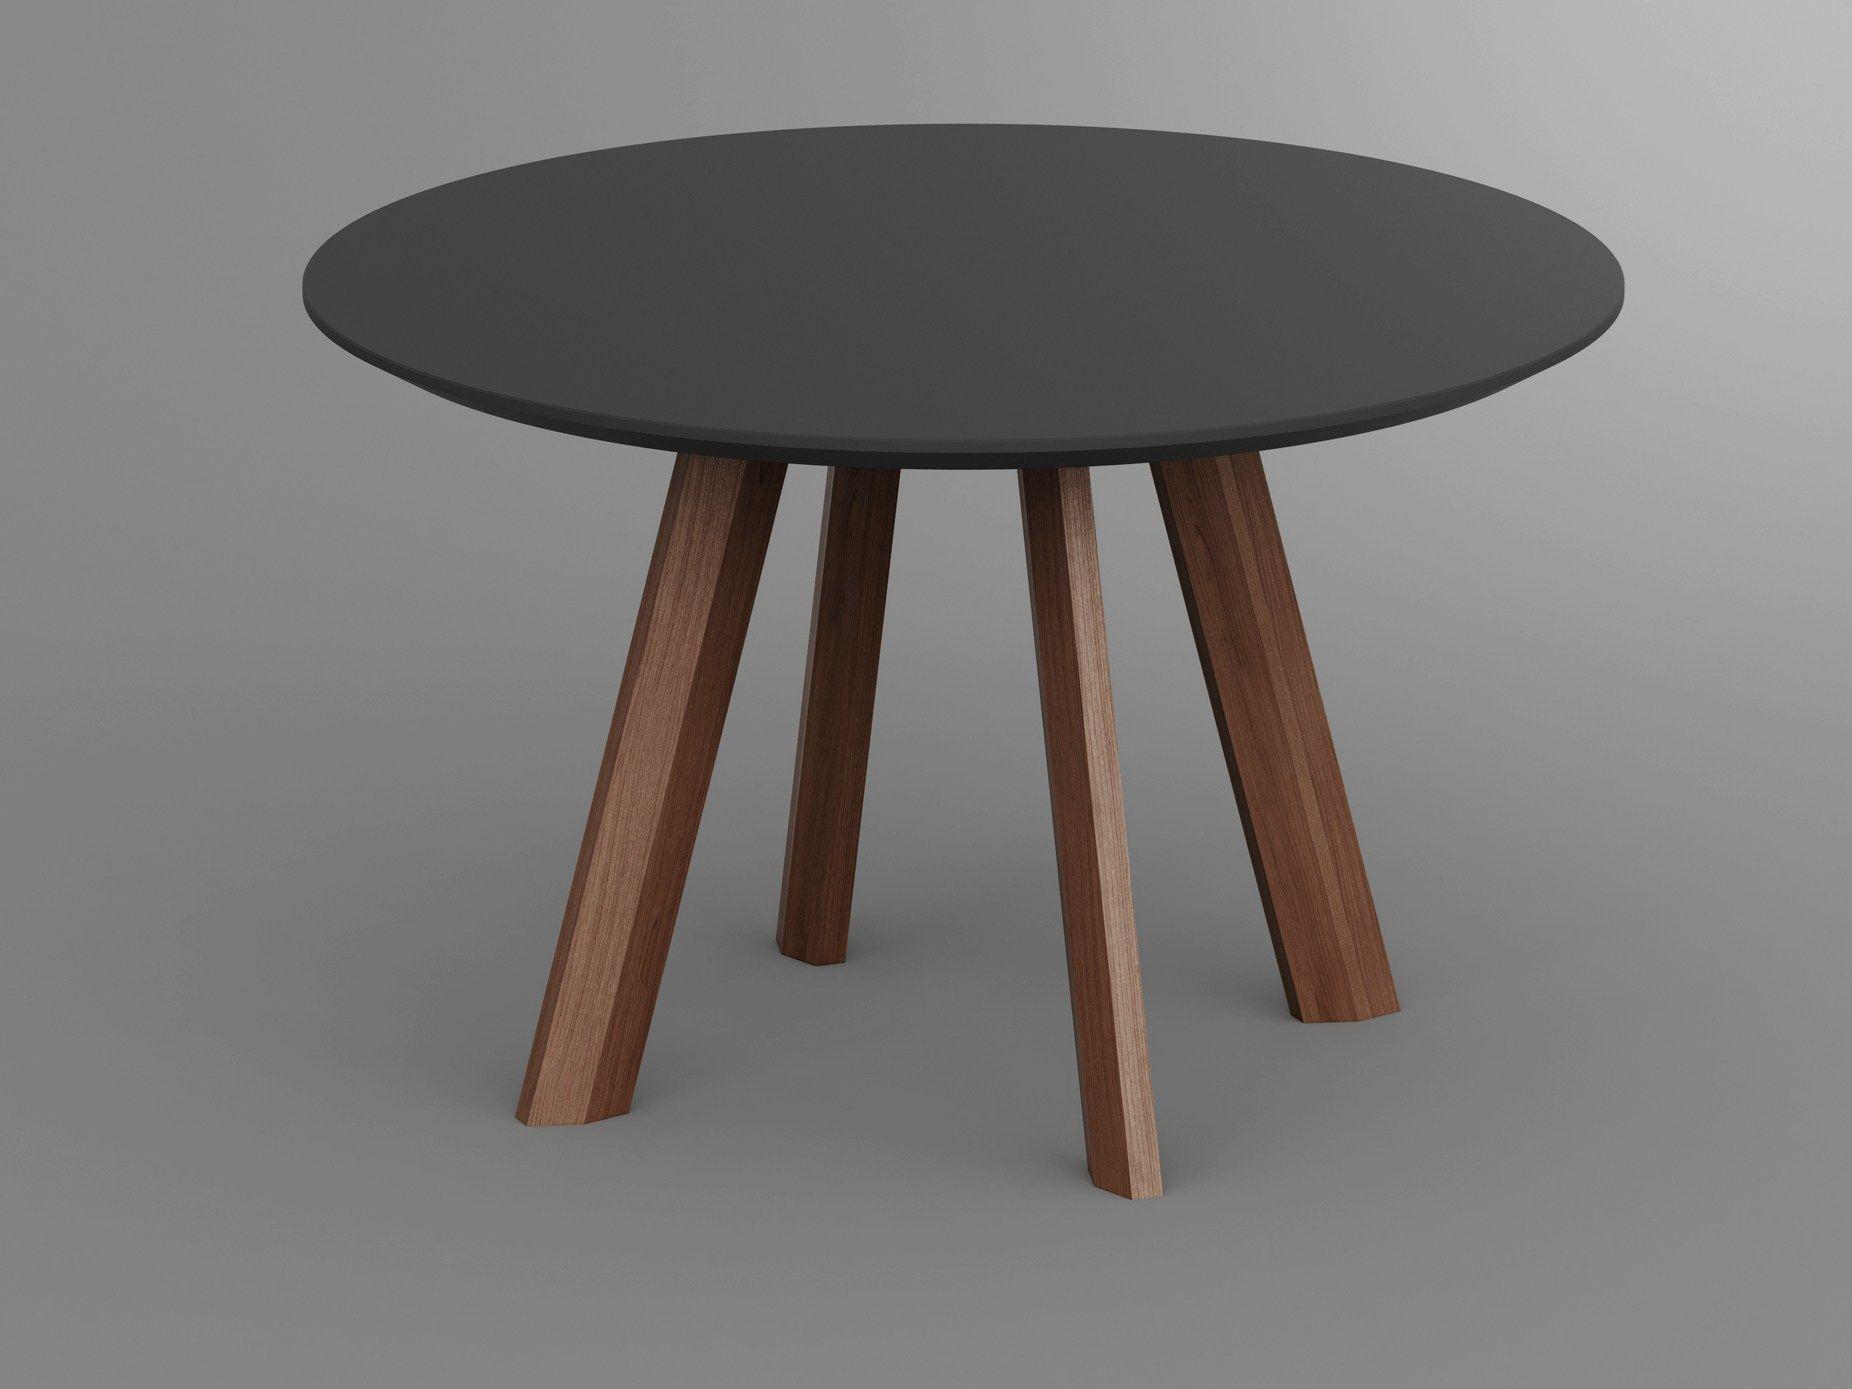 Tisch Design With Runder Tisch Aus Holz RHOMBI R By Vitamin Design Design  GG Designart Also